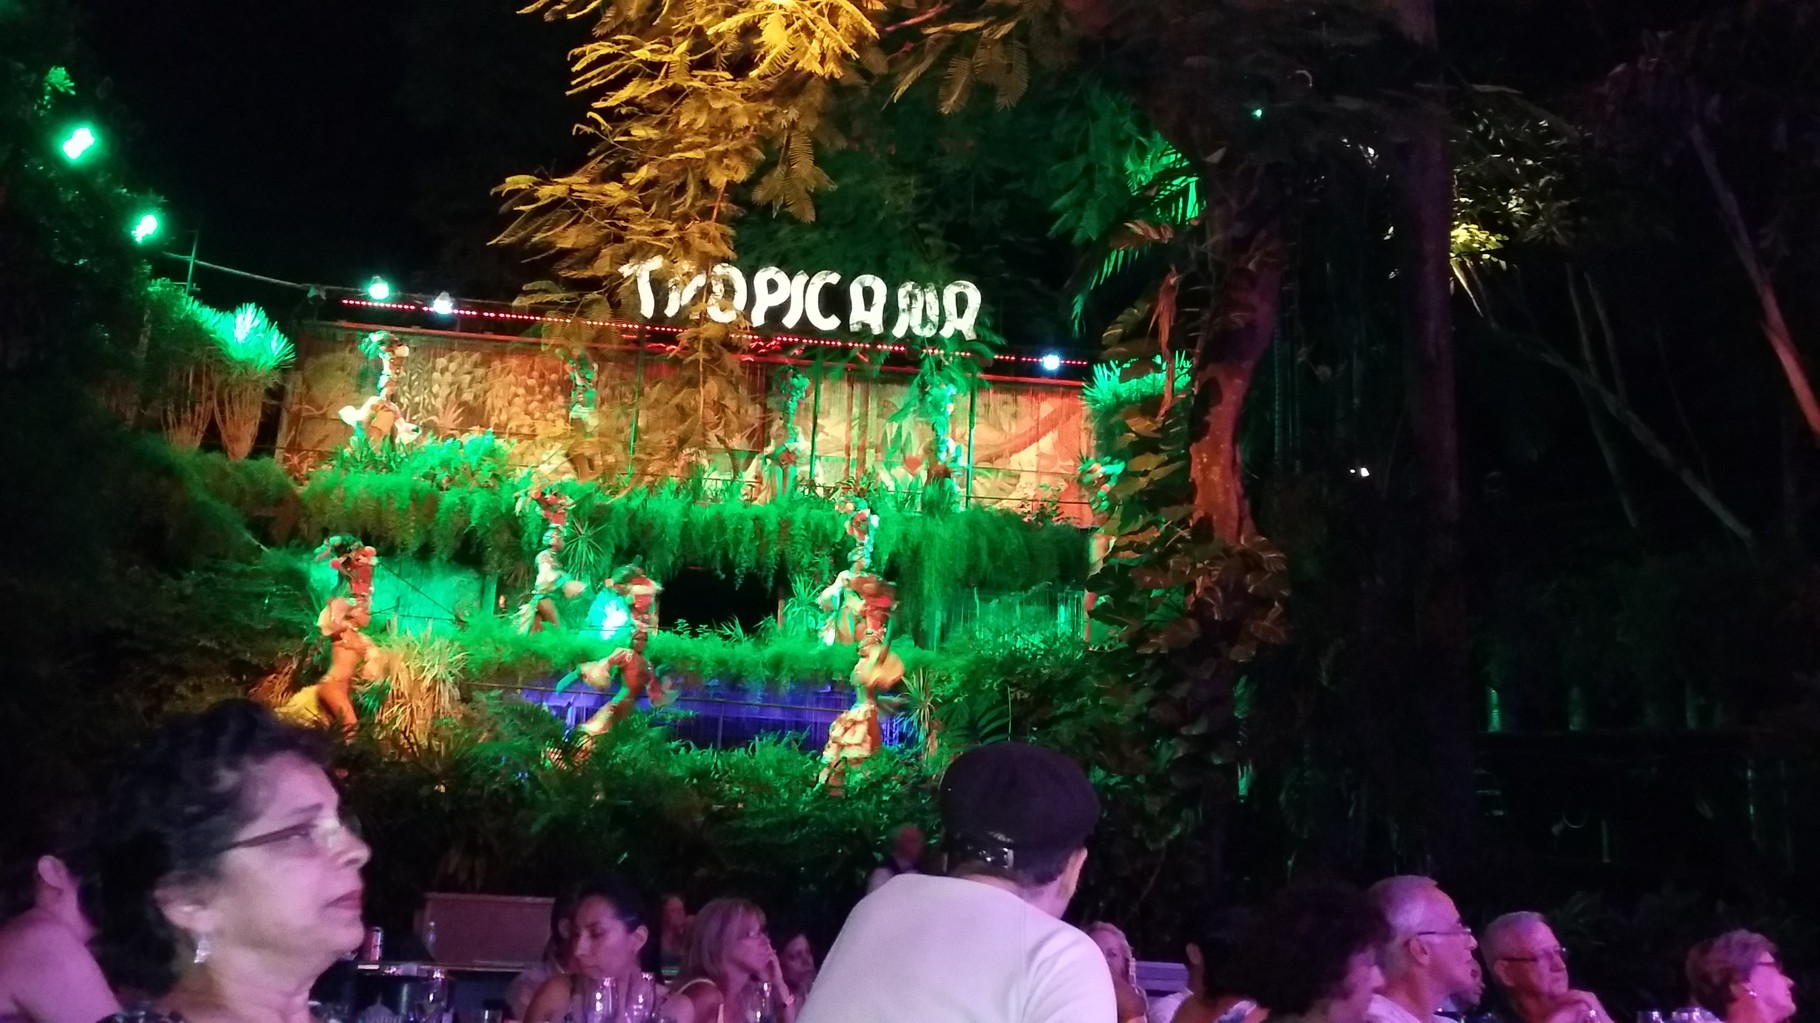 Tropicana uno de los cabaret más famosos del mundo está ubicado en La Habana.